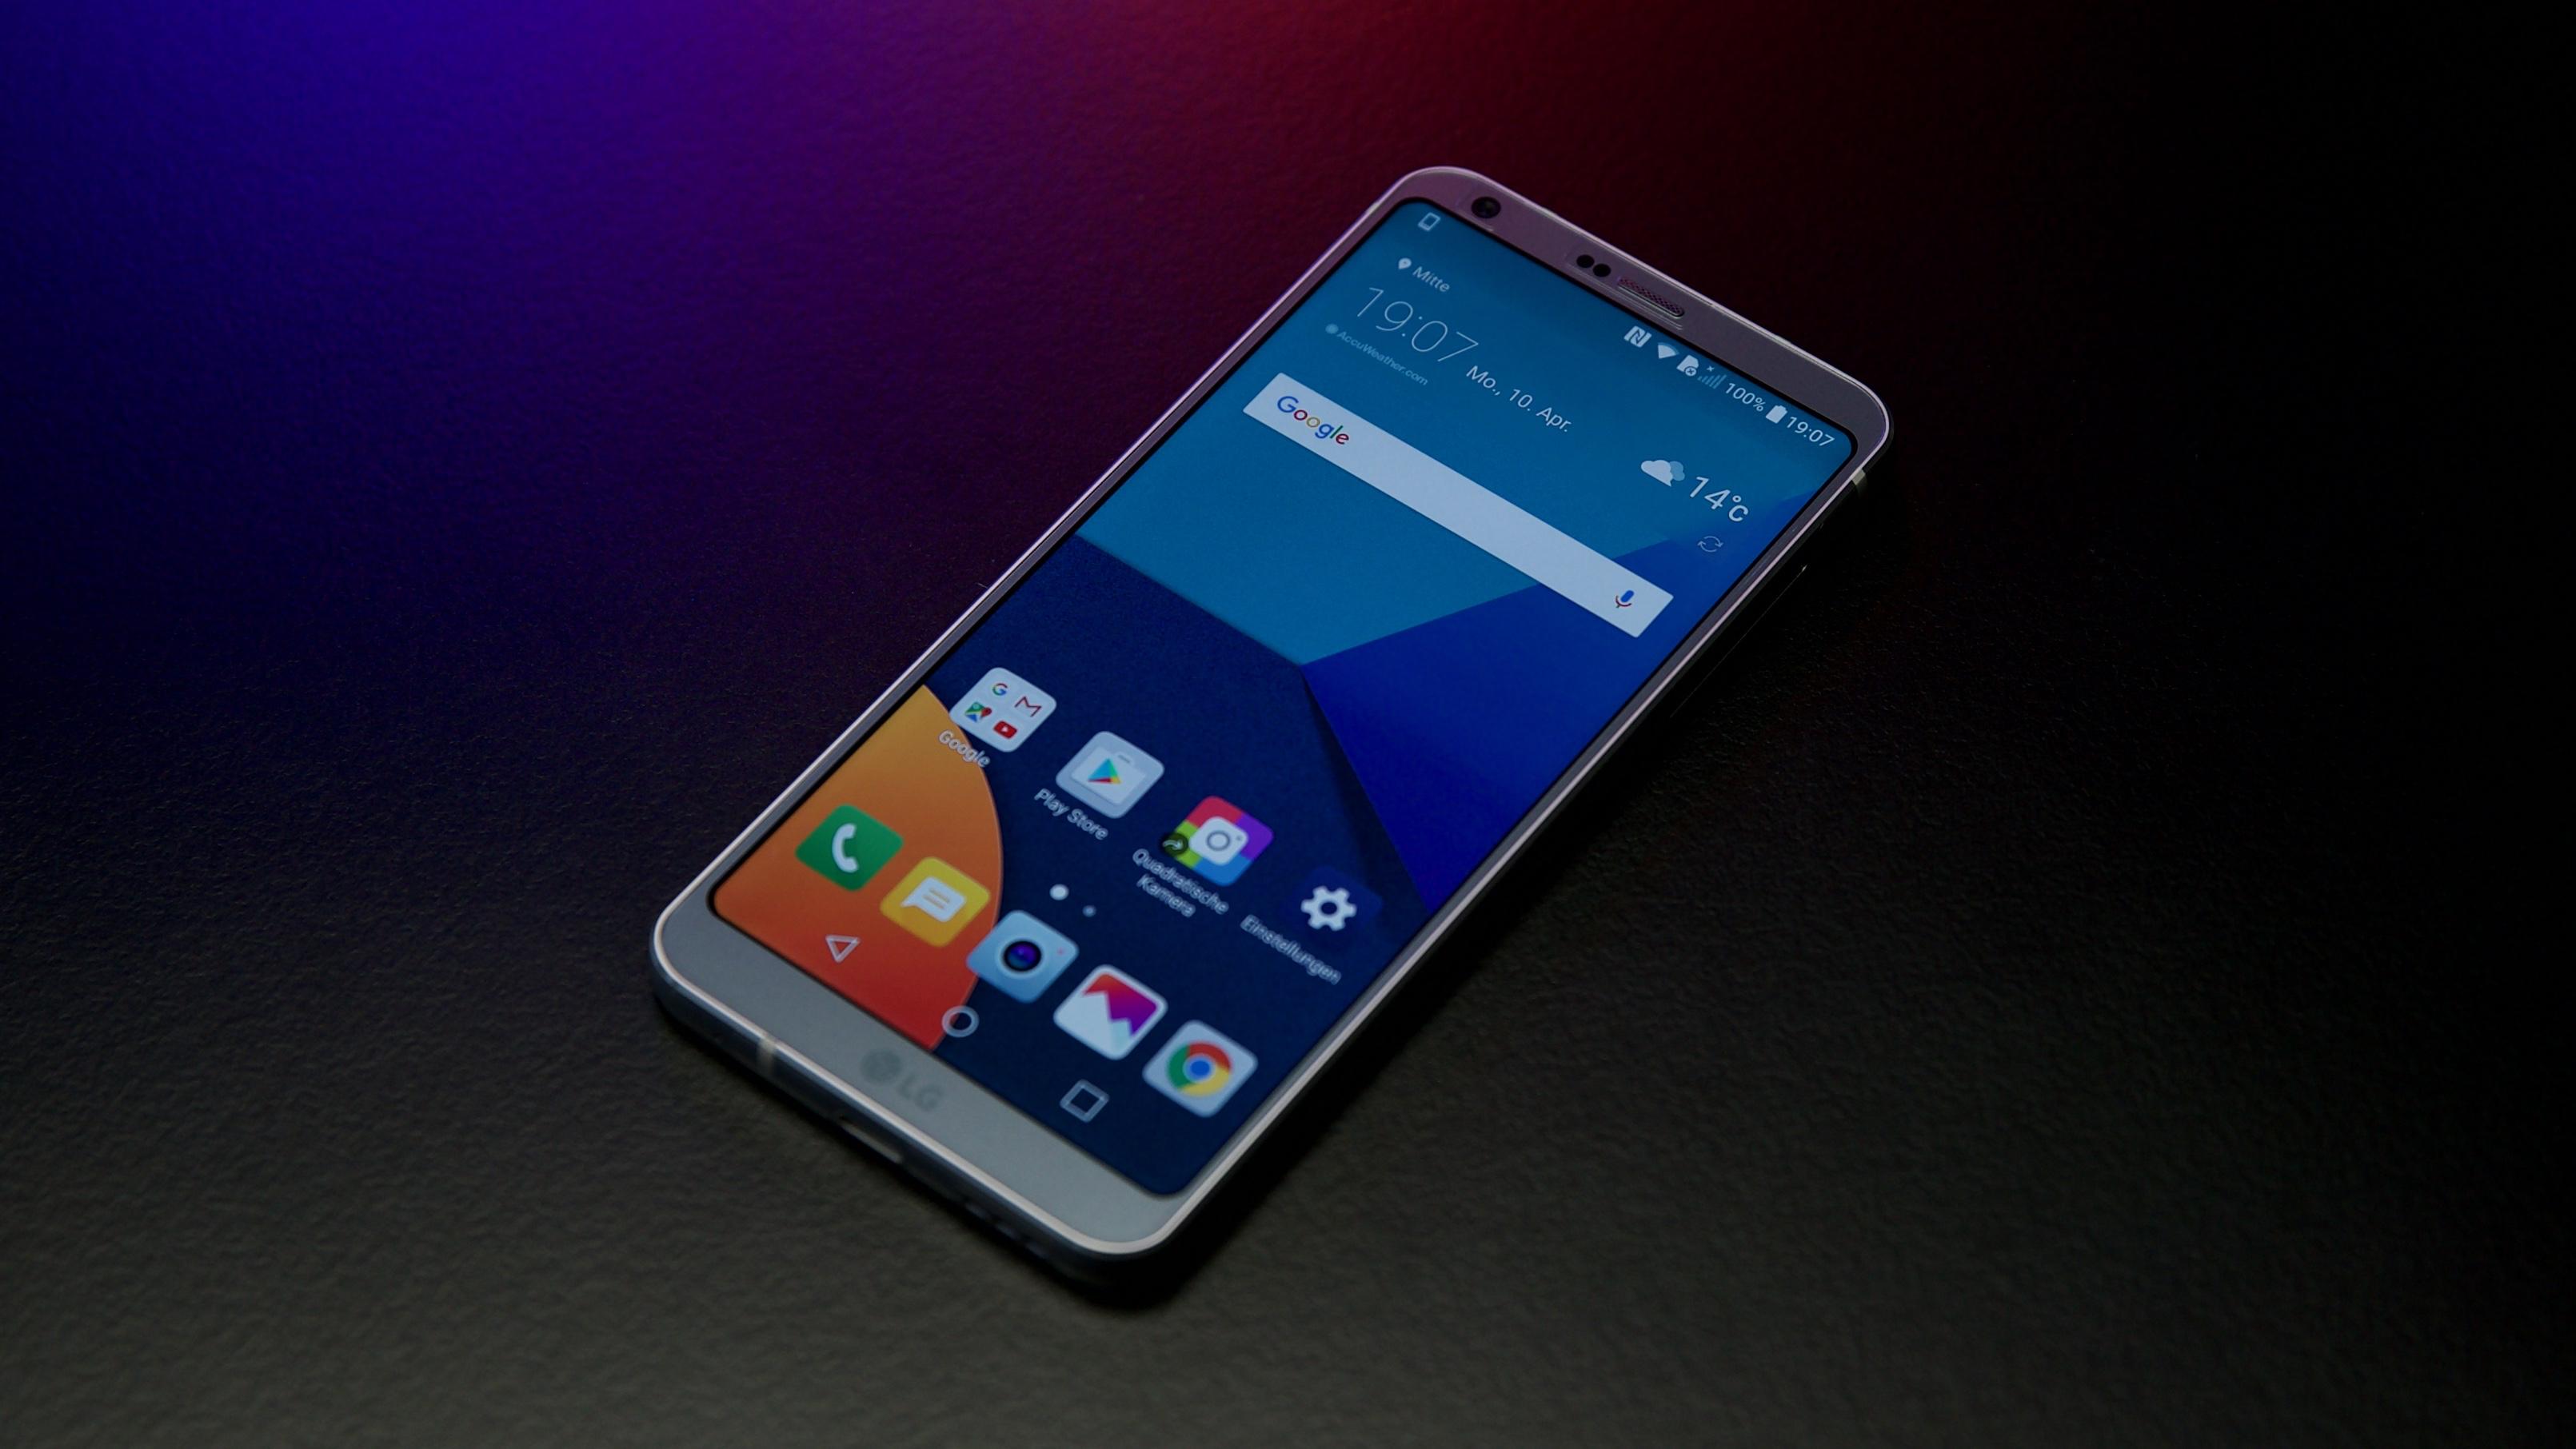 Das FullVision Display des LG G6 unterstützt Dolby Vision und HDR10 um eine noch bessere Darstellung von Inhalten zu ermöglichen